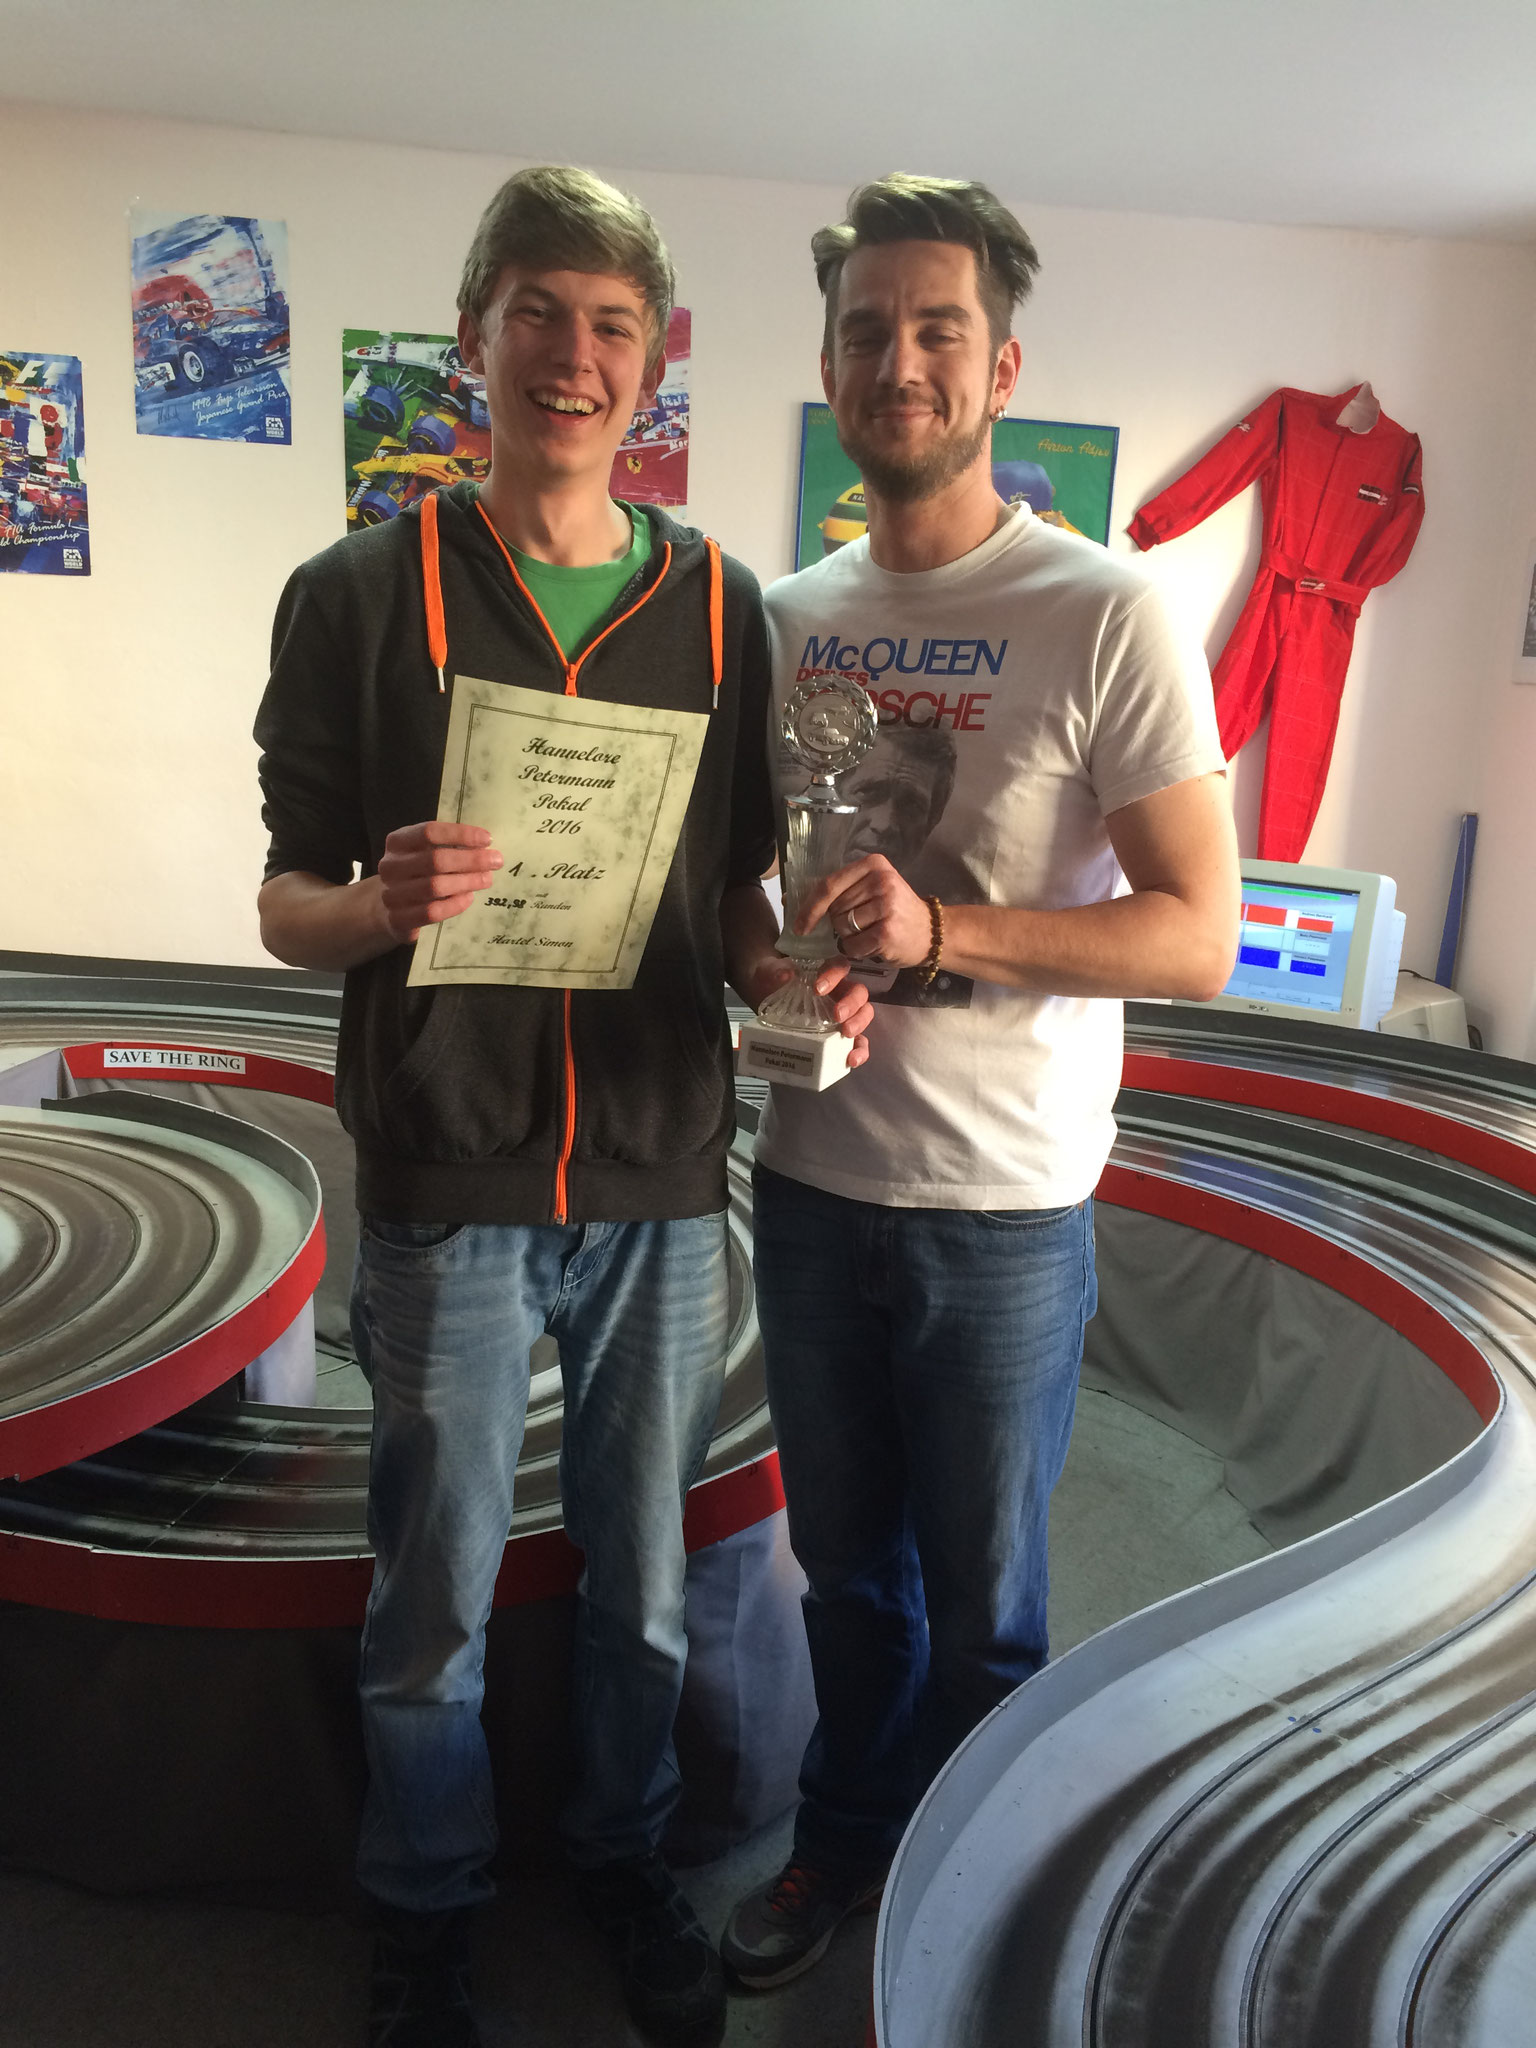 Siegerehrung: Mario übergibt Urkunde und Pokal an Simon.